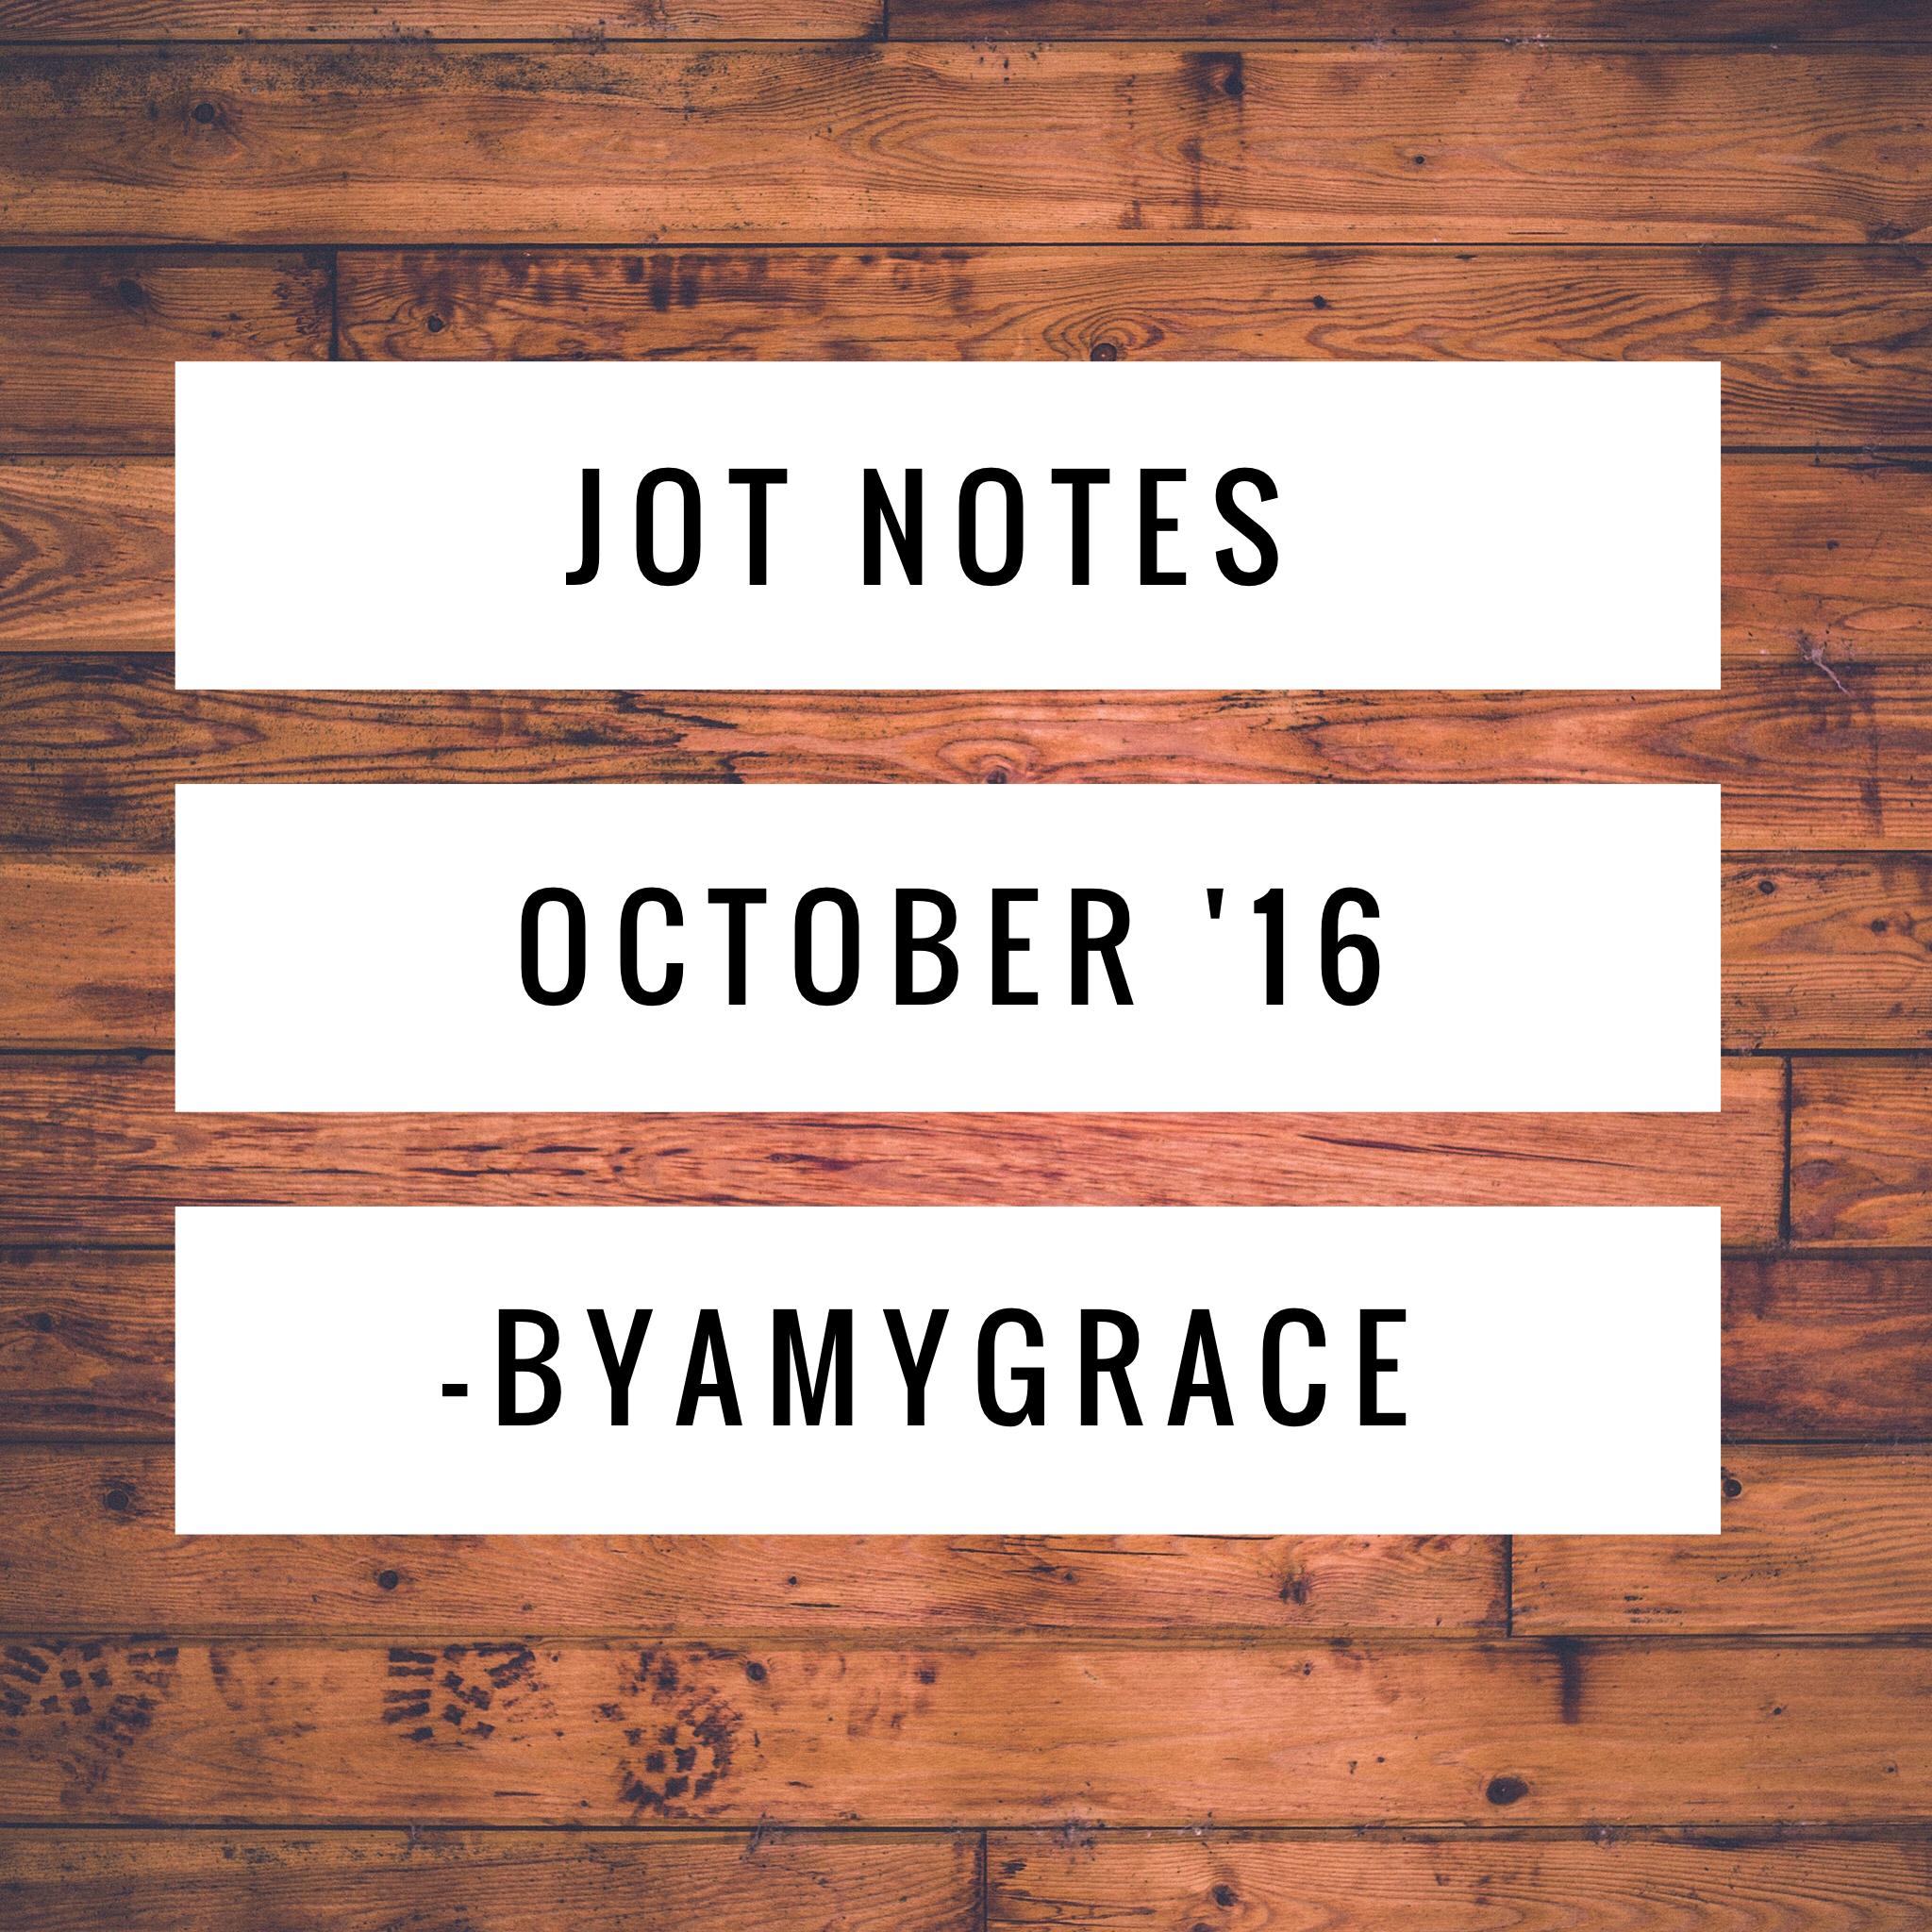 jot notes.byamygrace.october.16